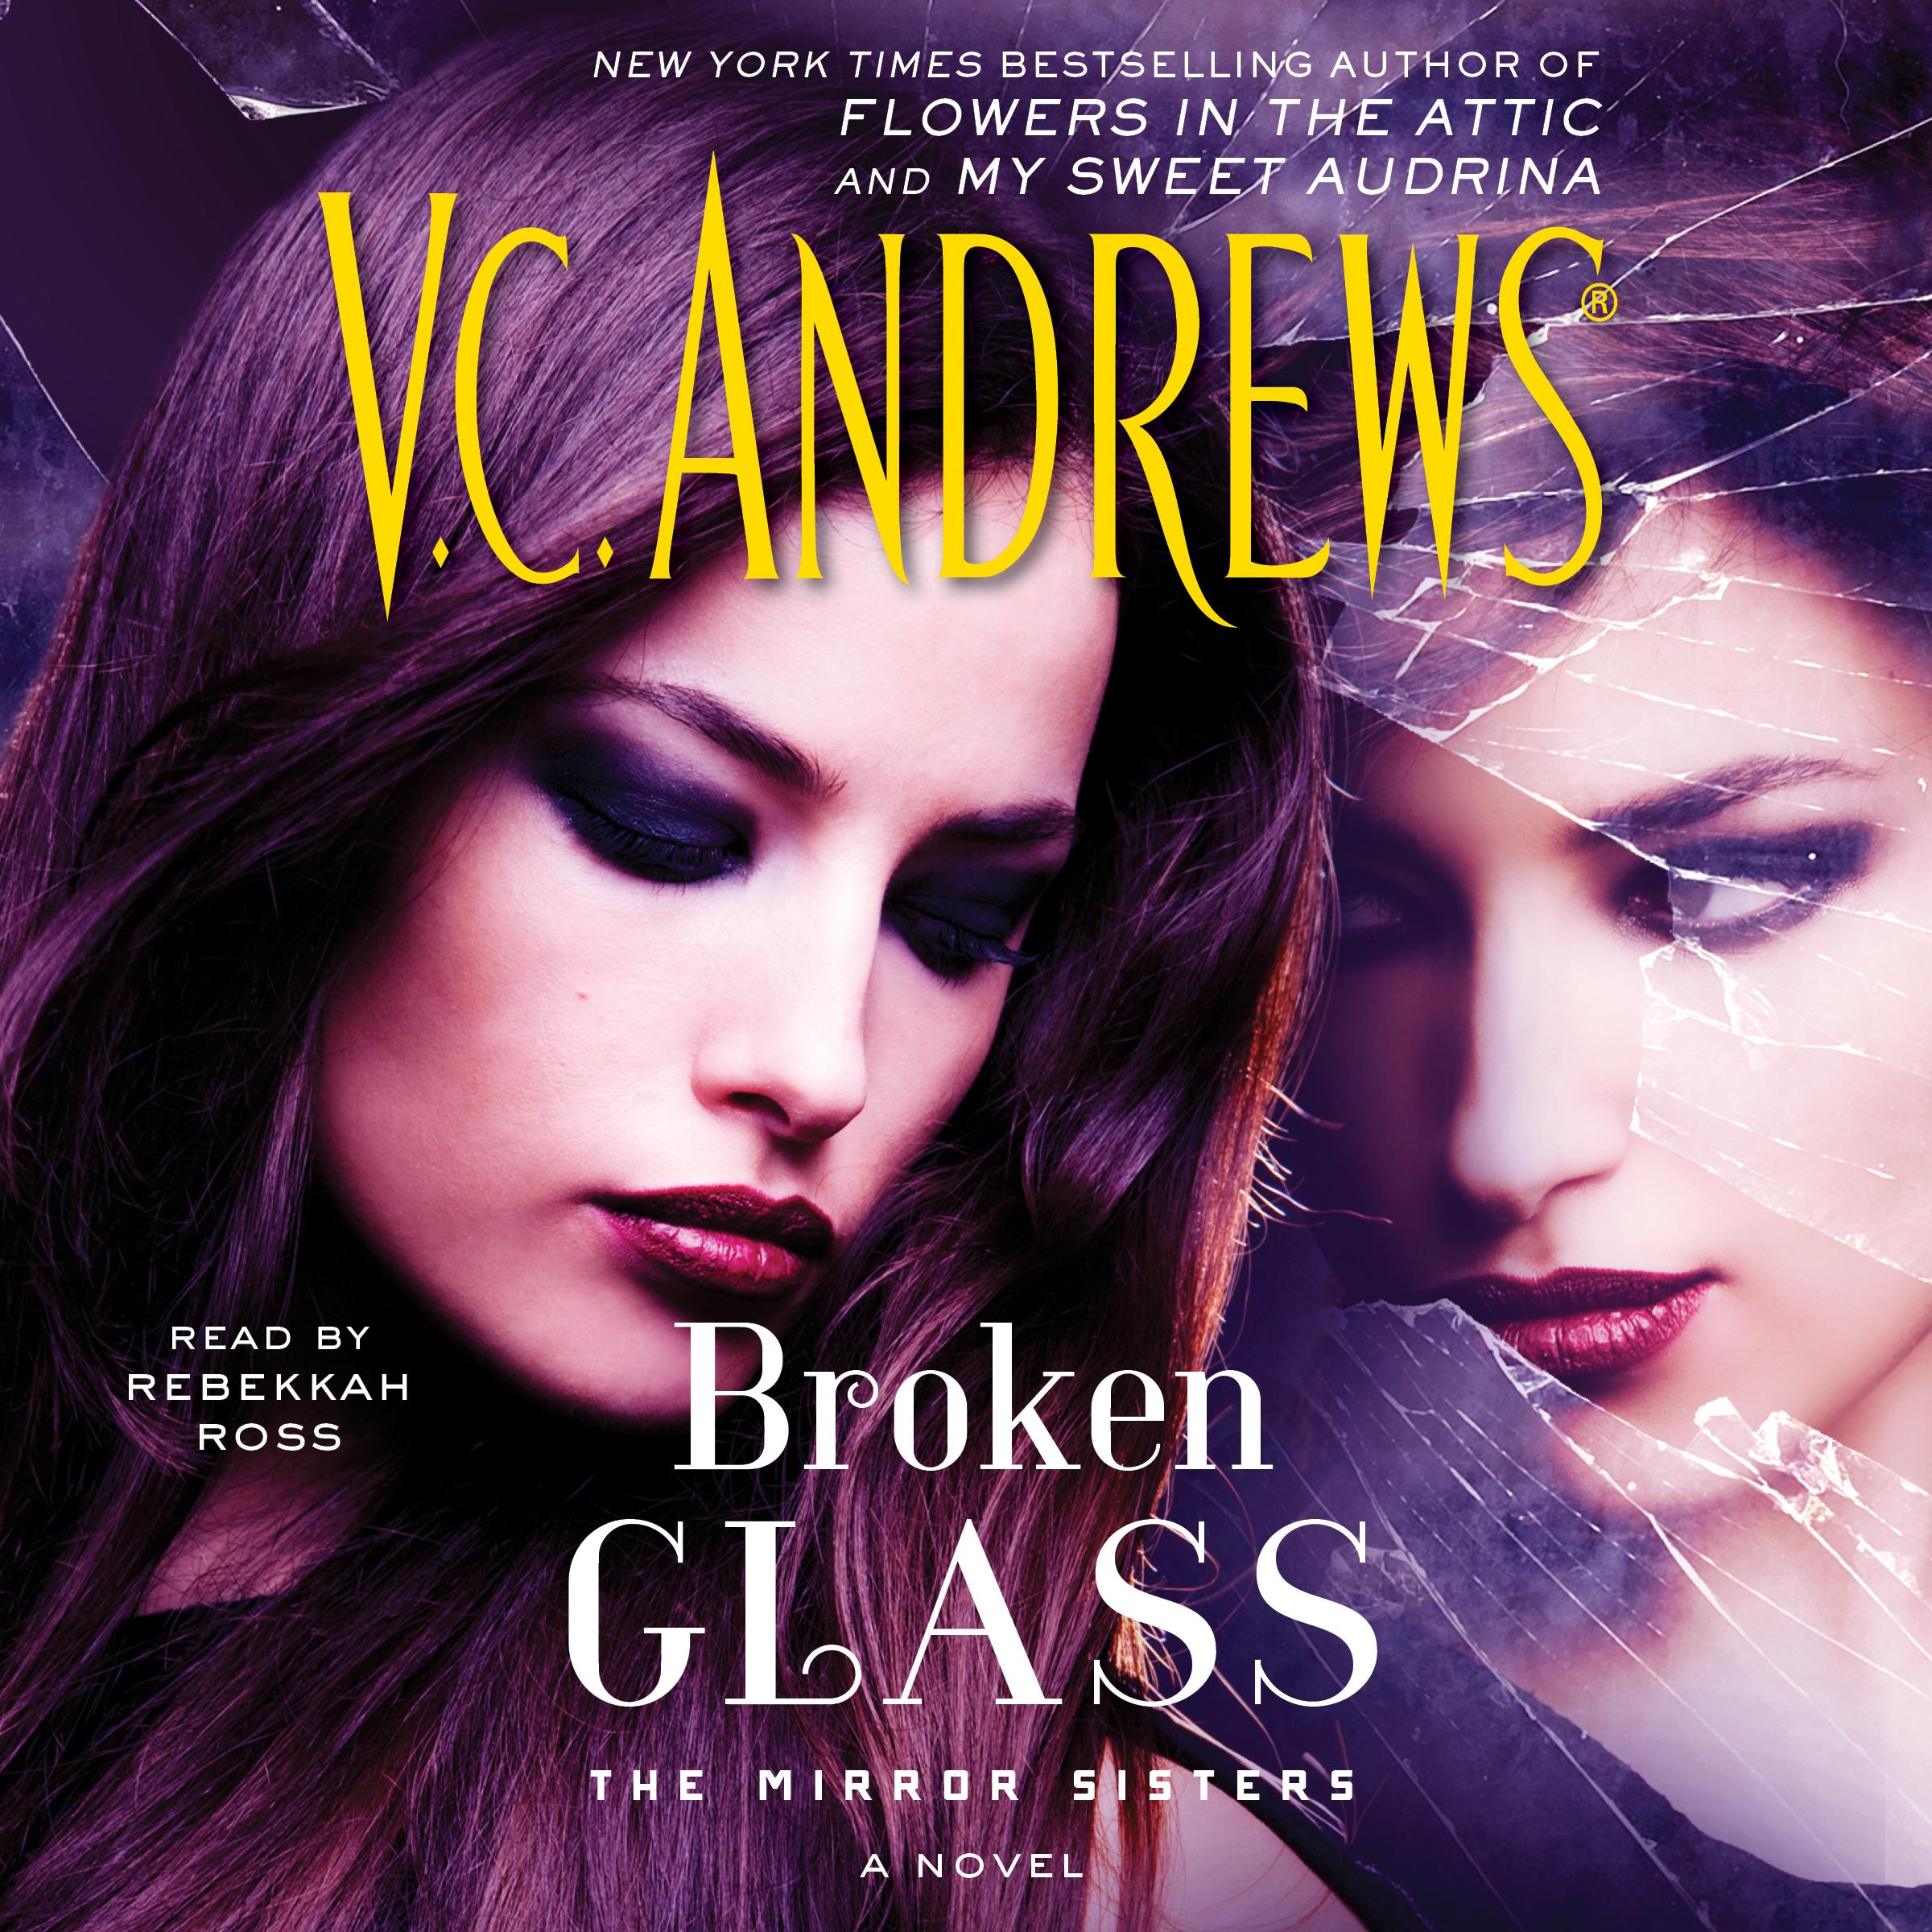 Broken Glass Audiobook By V C Andrews Rebekkah Ross